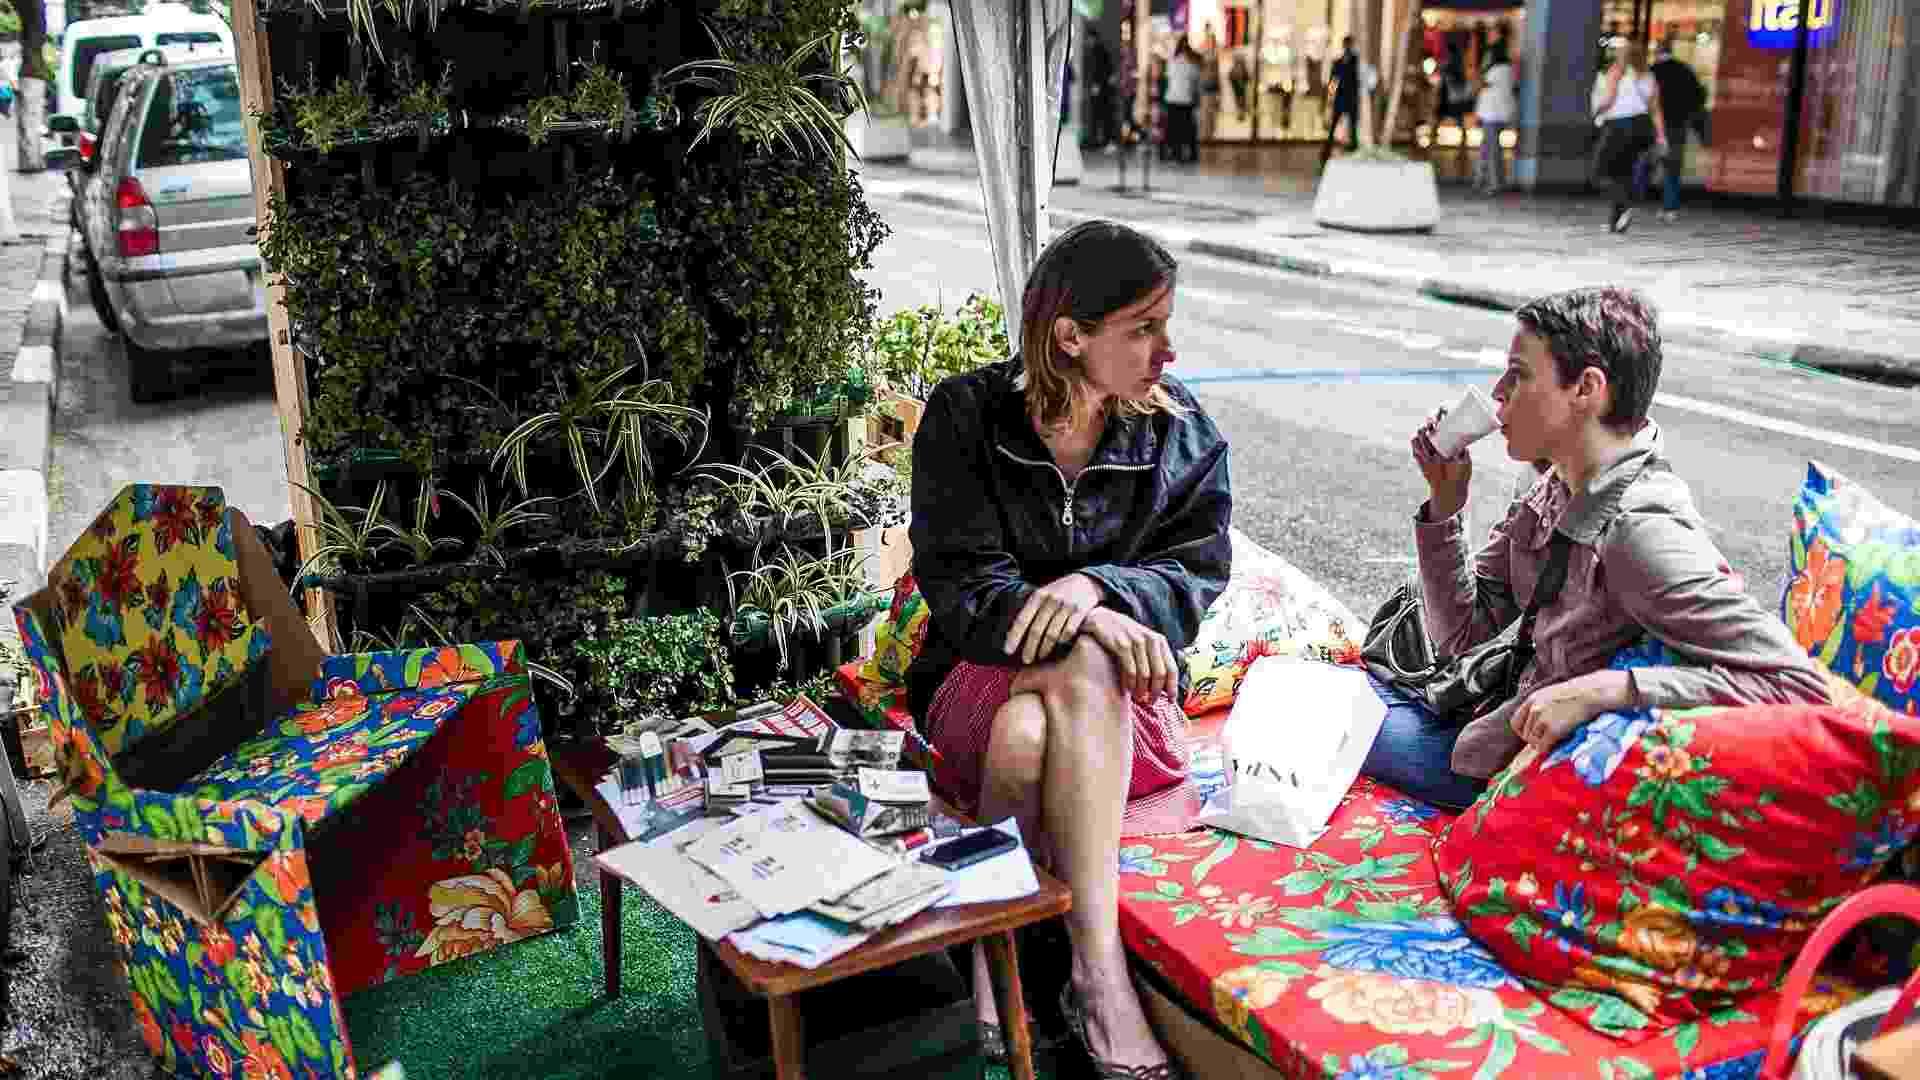 21.set.2012 - Ação Vaga Viva acontece na rua Padre João Manuel, próximo a avenida Paulista, em São Paulo, para promover a semana da mobilidade - Leonardo Soares/UOL